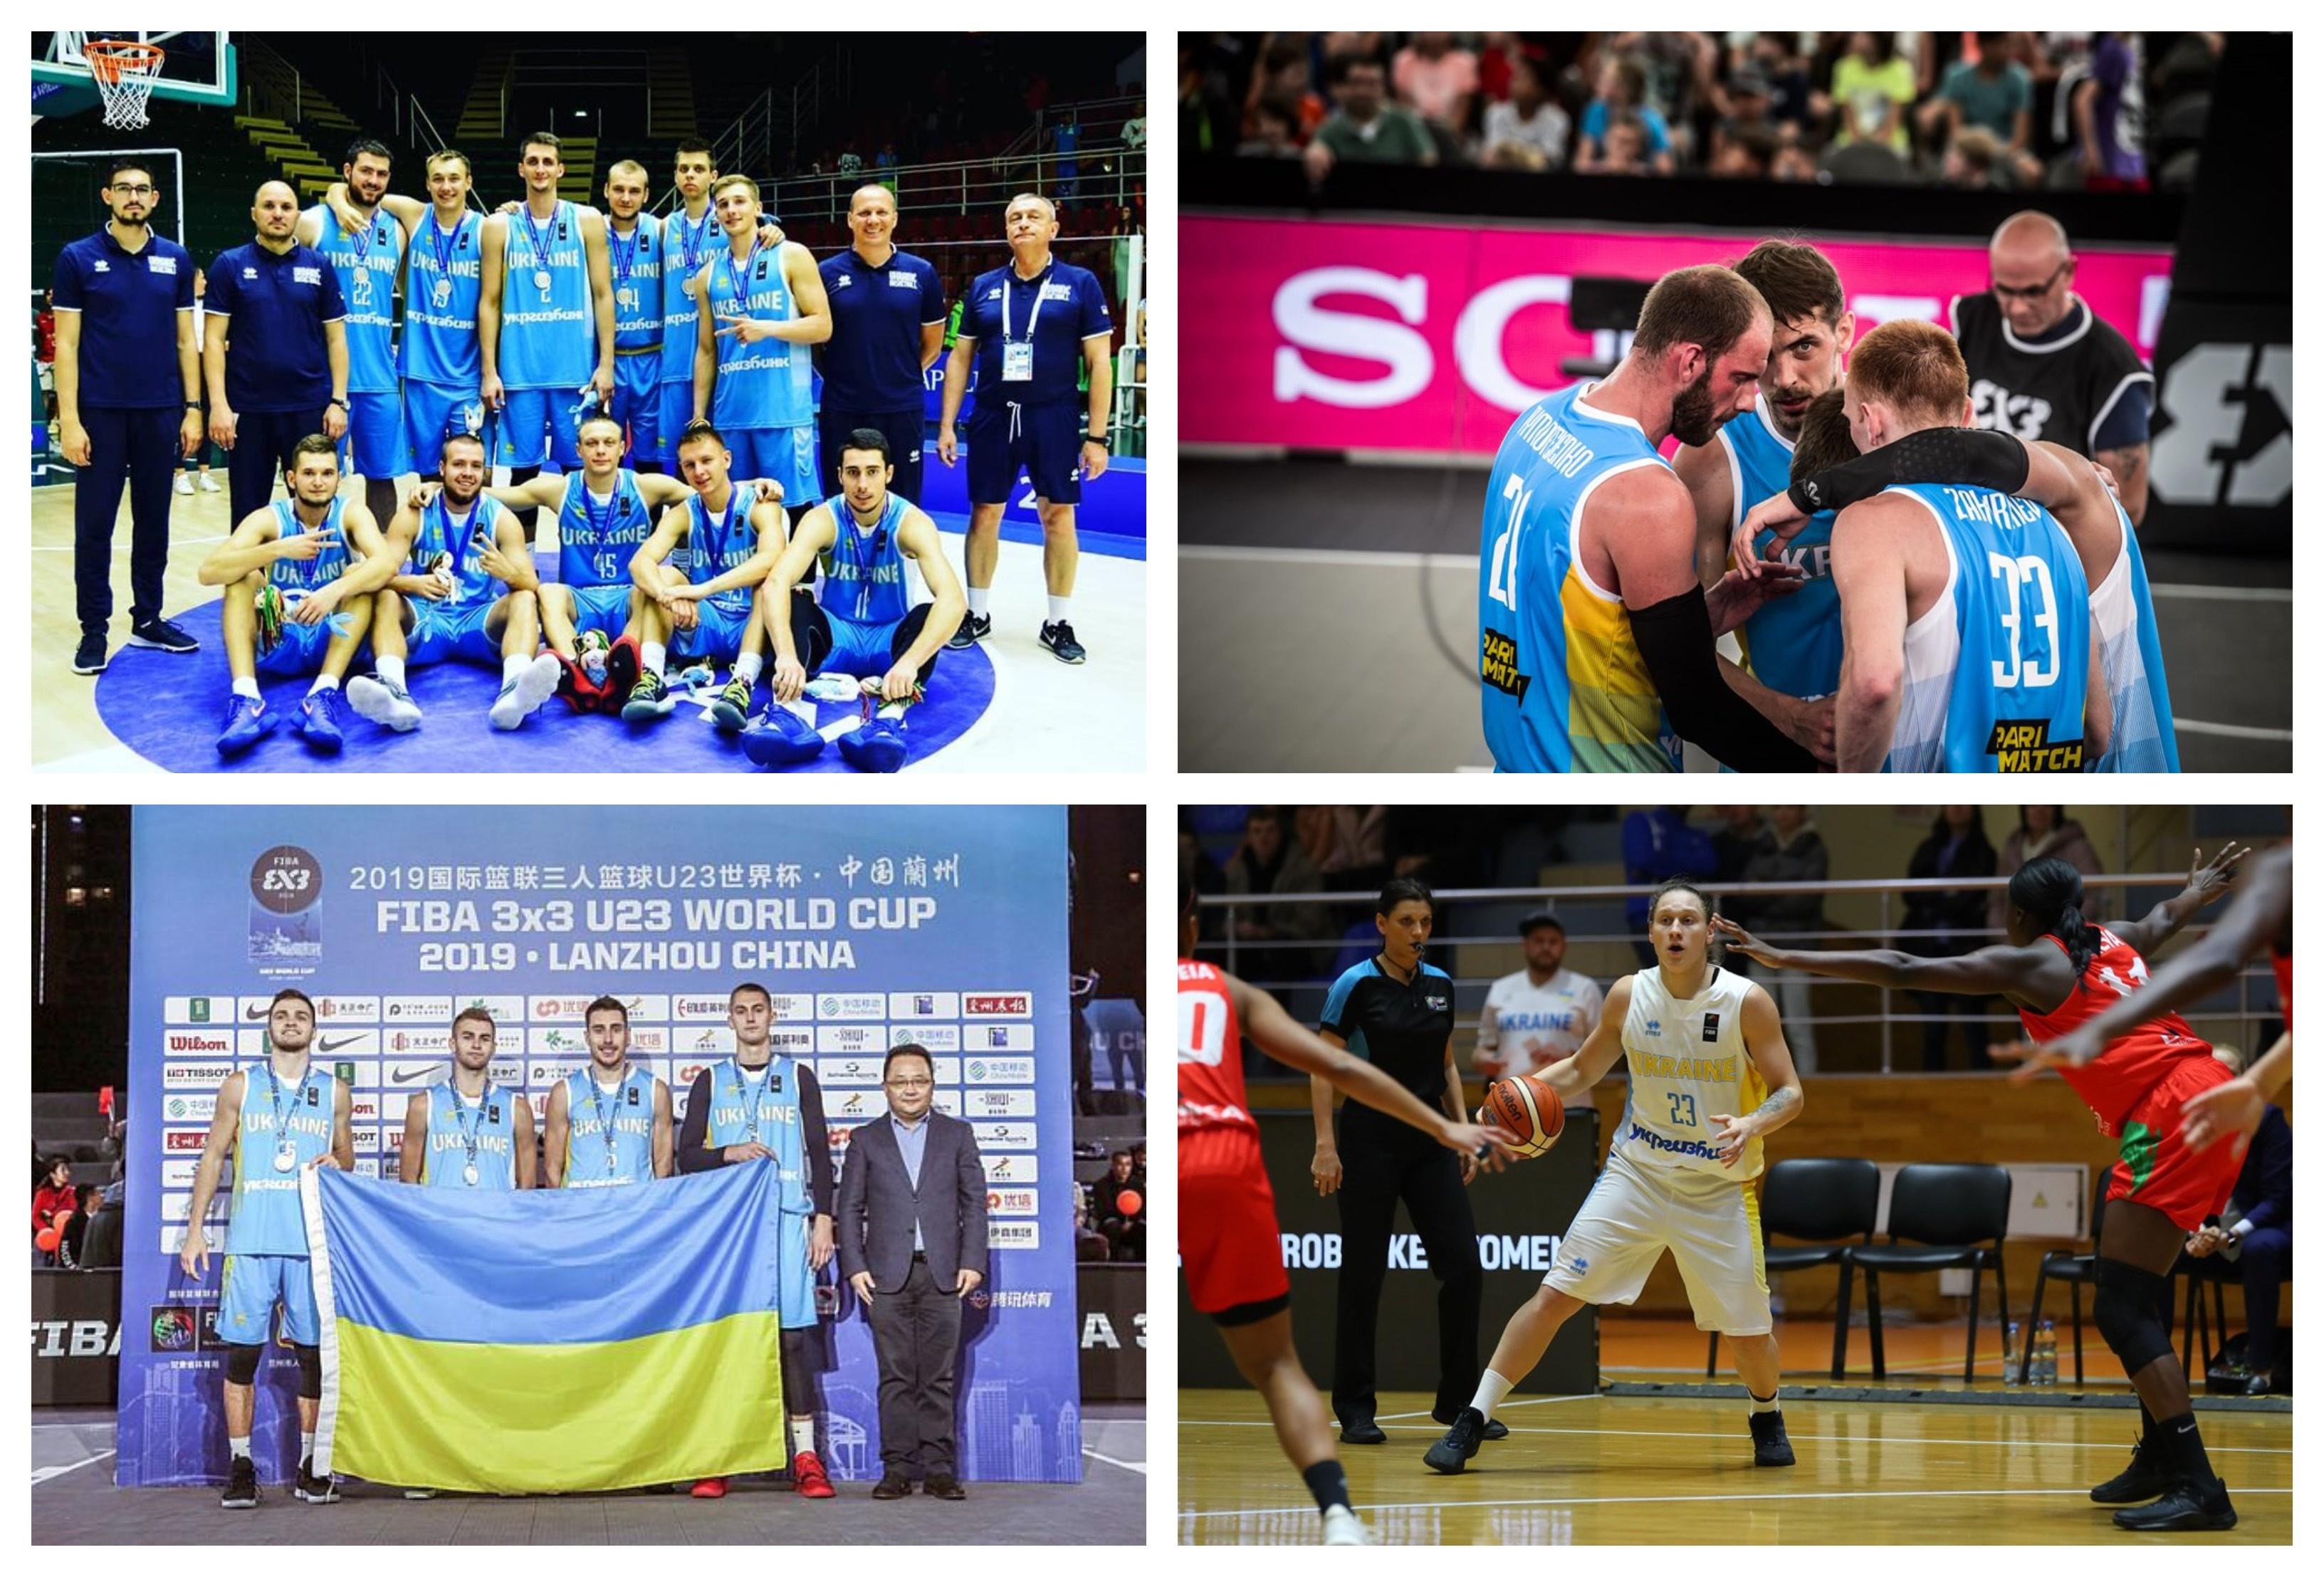 Топ-10 подій українського баскетболу в 2019 році